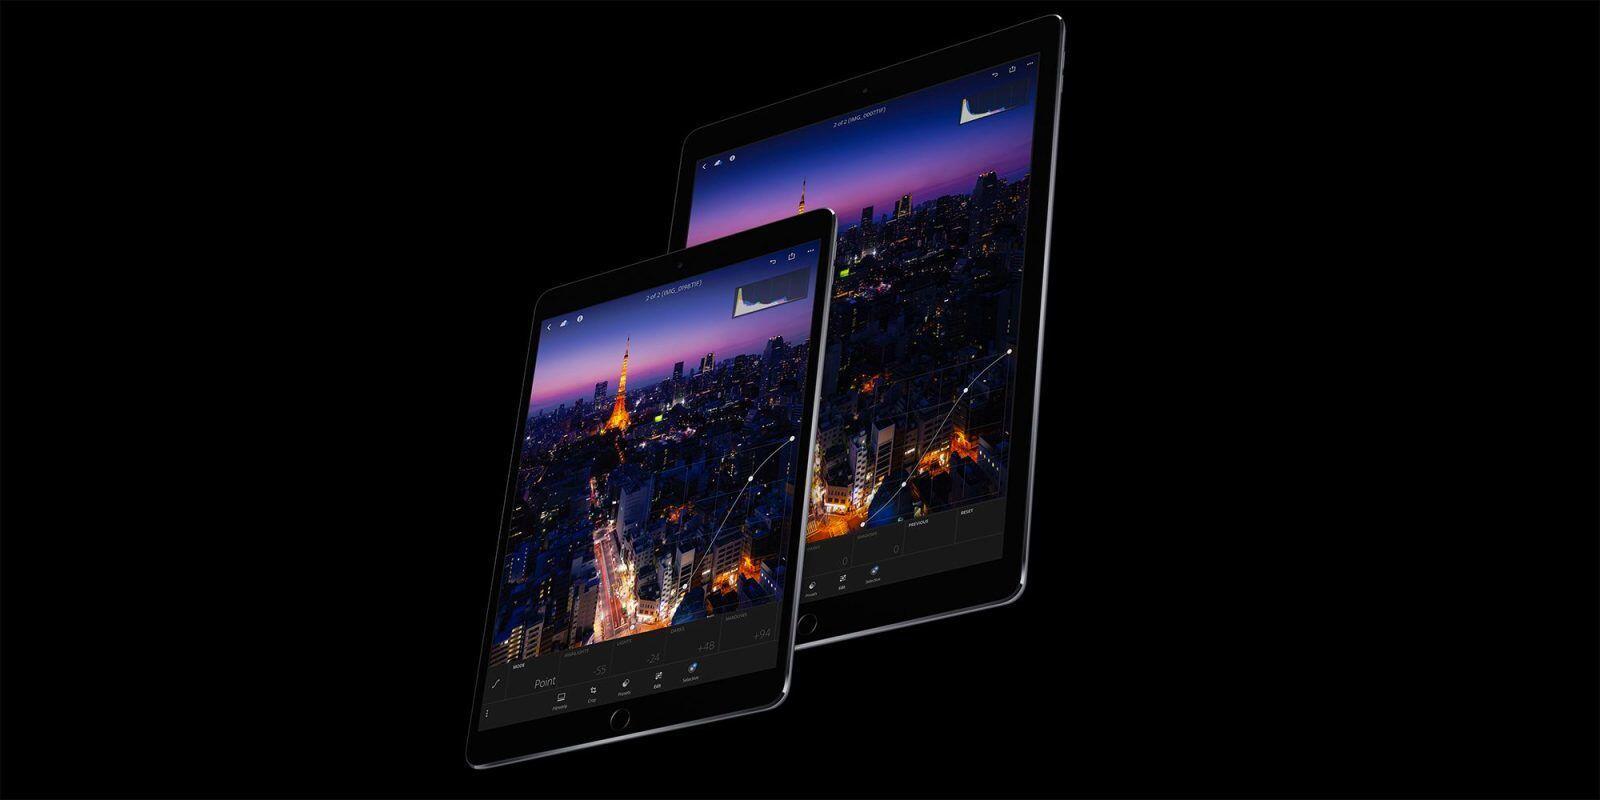 iPad Pro 2018: Tablet Terbaru dengan Display Super Lega,Ini 5 Infonya